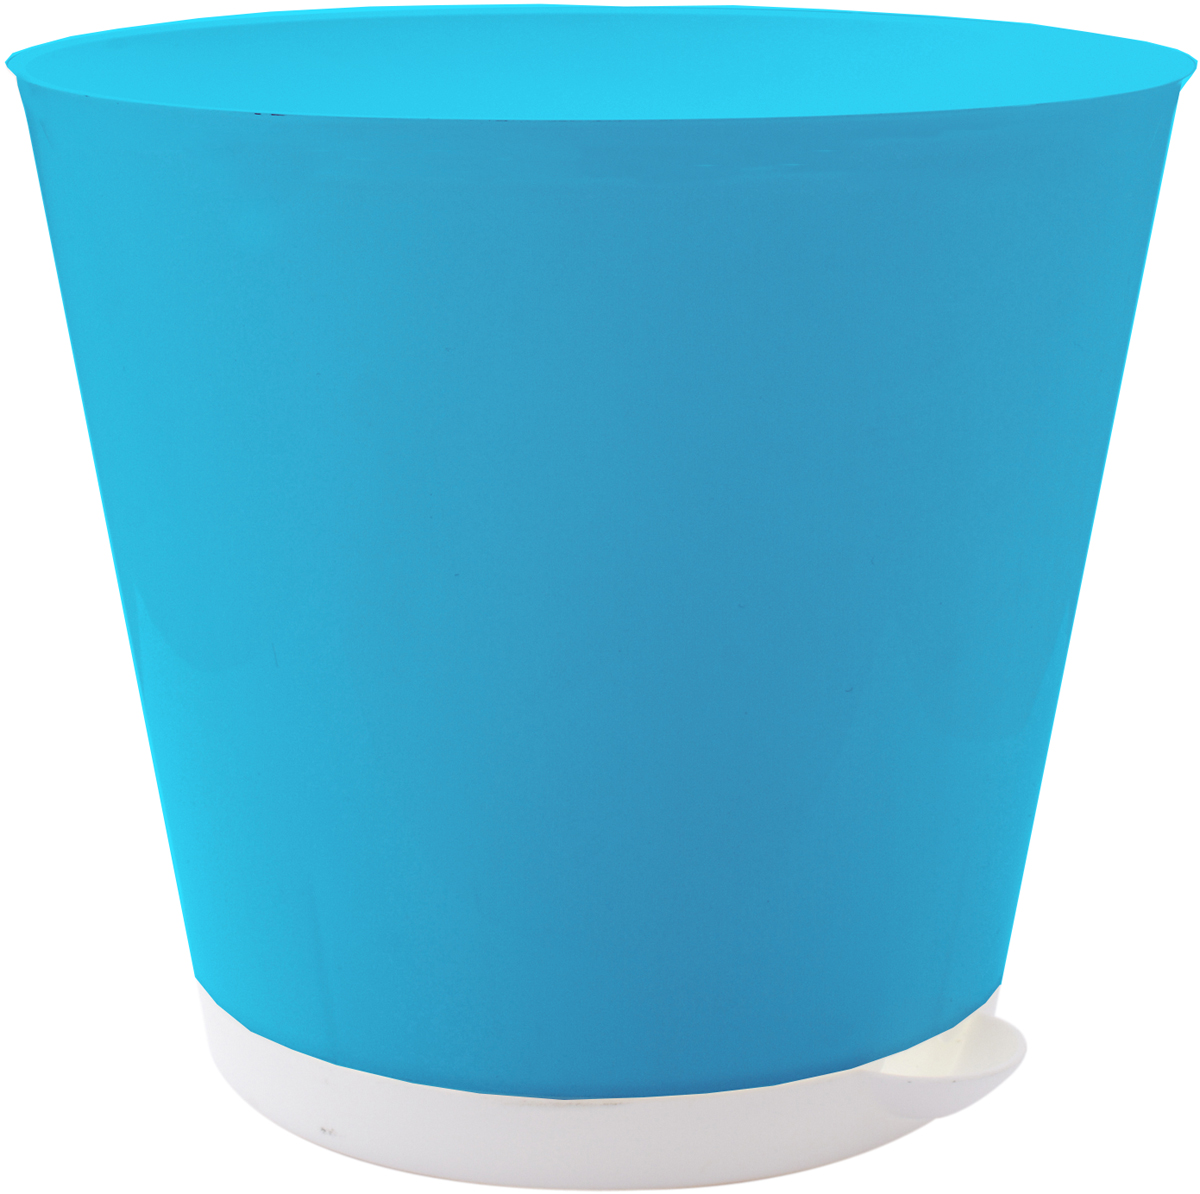 Горшок для цветов InGreen Крит, с системой прикорневого полива, цвет: светло-синий, белый, диаметр 12 смFL002Горшок InGreen Крит, выполненный из высококачественного пластика, предназначен для выращивания комнатных цветов, растений и трав. Специальная конструкция обеспечивает вентиляцию в корневой системе растения, а дренажные отверстия позволяют выходить лишней влаге из почвы. Крепежные отверстия и штыри прочно крепят подставку к горшку. Прикорневой полив растения осуществляется через удобный носик. Система прикорневого полива позволяет оставлять комнатное растение без внимания тем, кто часто находится в командировках или собирается в отпуск и не имеет возможности вовремя поливать цветы.Такой горшок порадует вас современным дизайном и функциональностью, а также оригинально украсит интерьер любого помещения. Диаметр горшка (по верхнему краю): 12 см.Высота горшка: 11,2 см. .